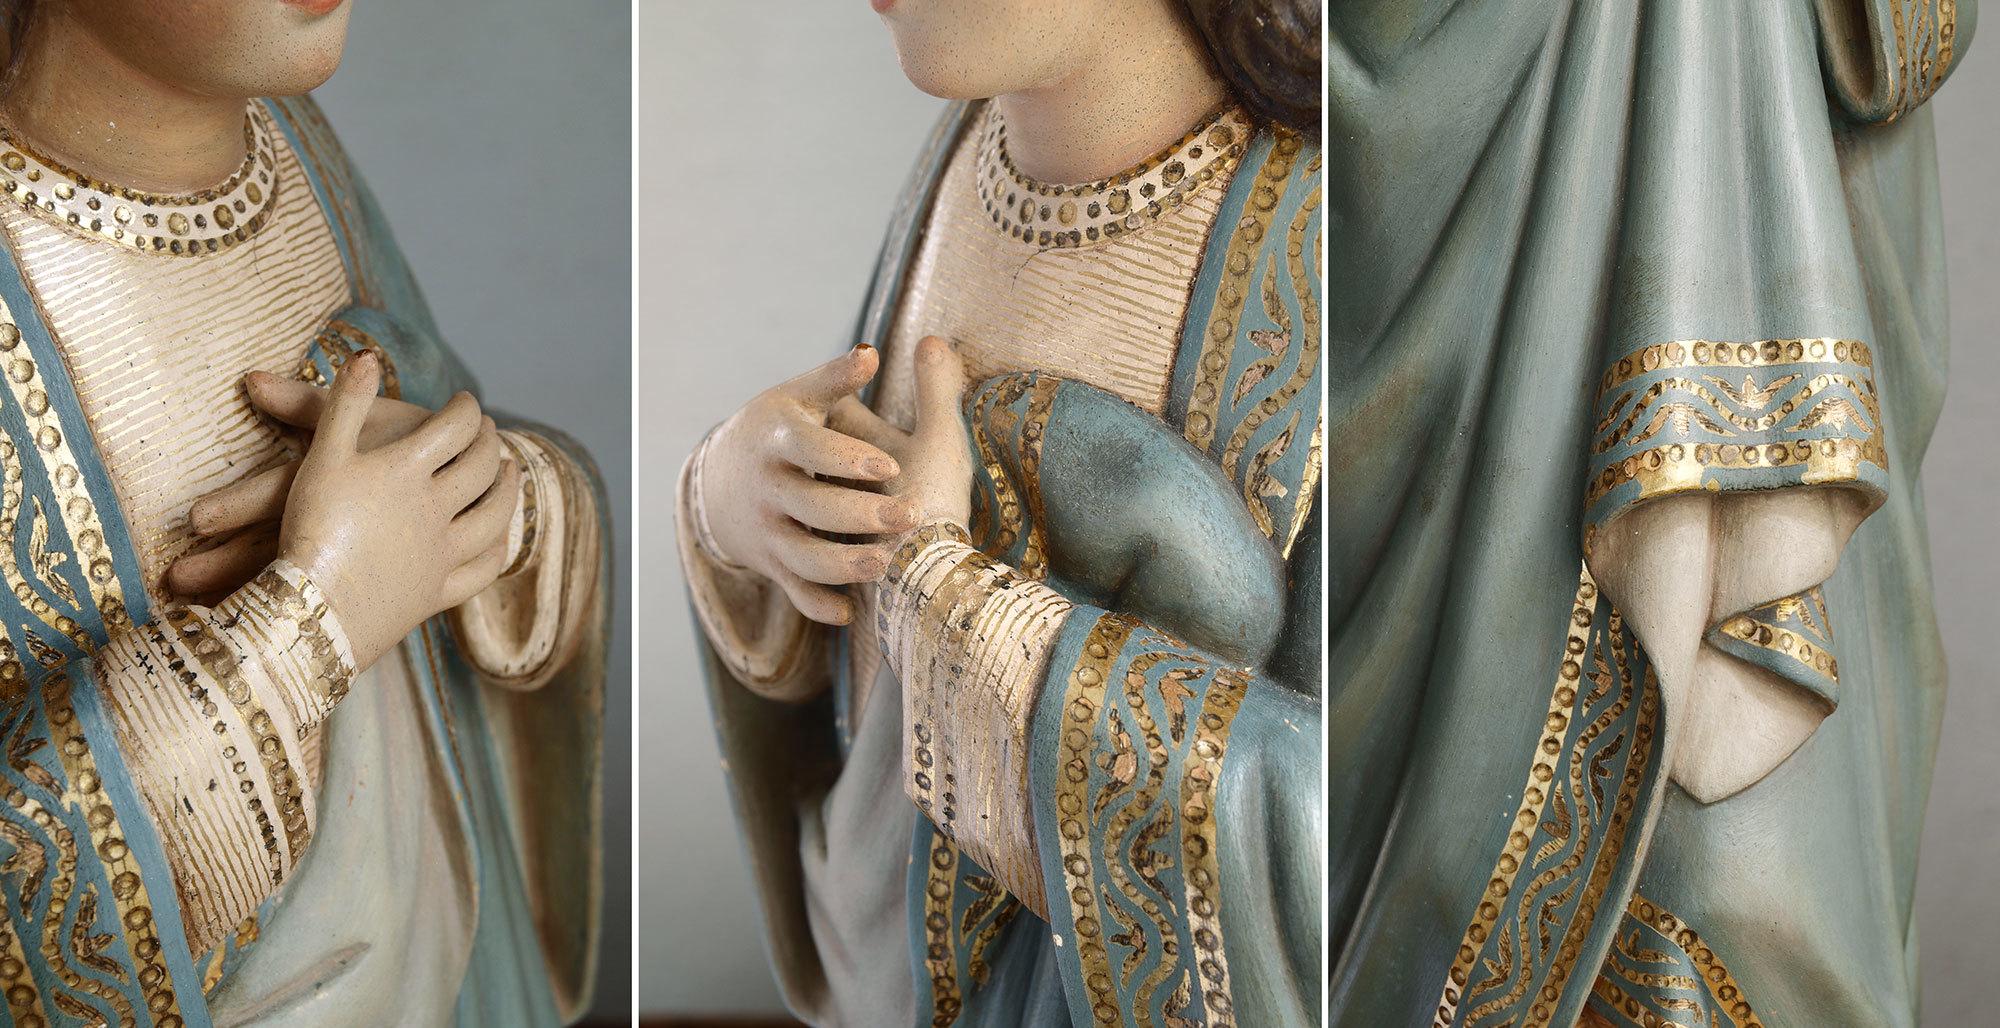 胸に手を当てる聖母マリア像   /G694_e0324838_01572445.jpg